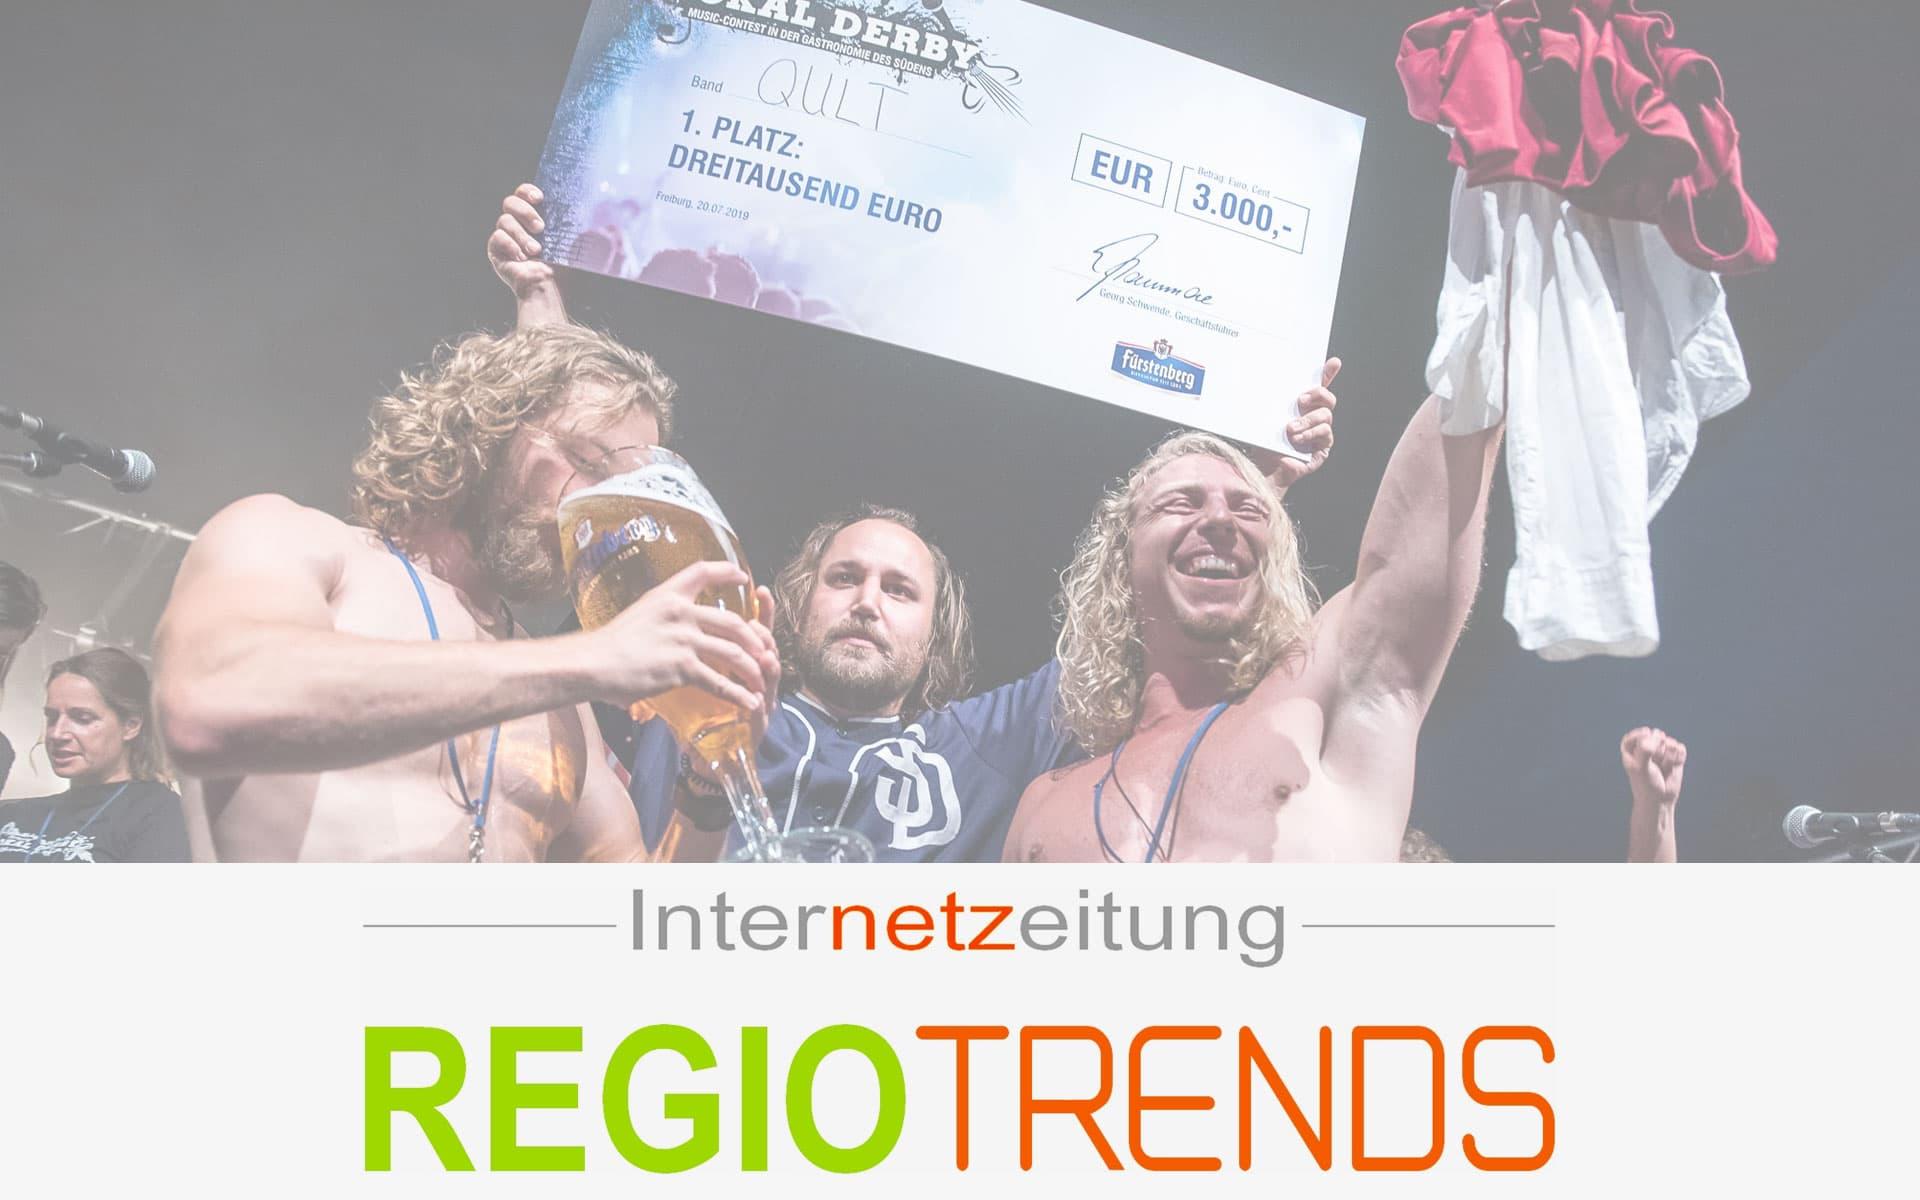 Regiotrends QULT Lokal Derby 2019 Fürstenberg